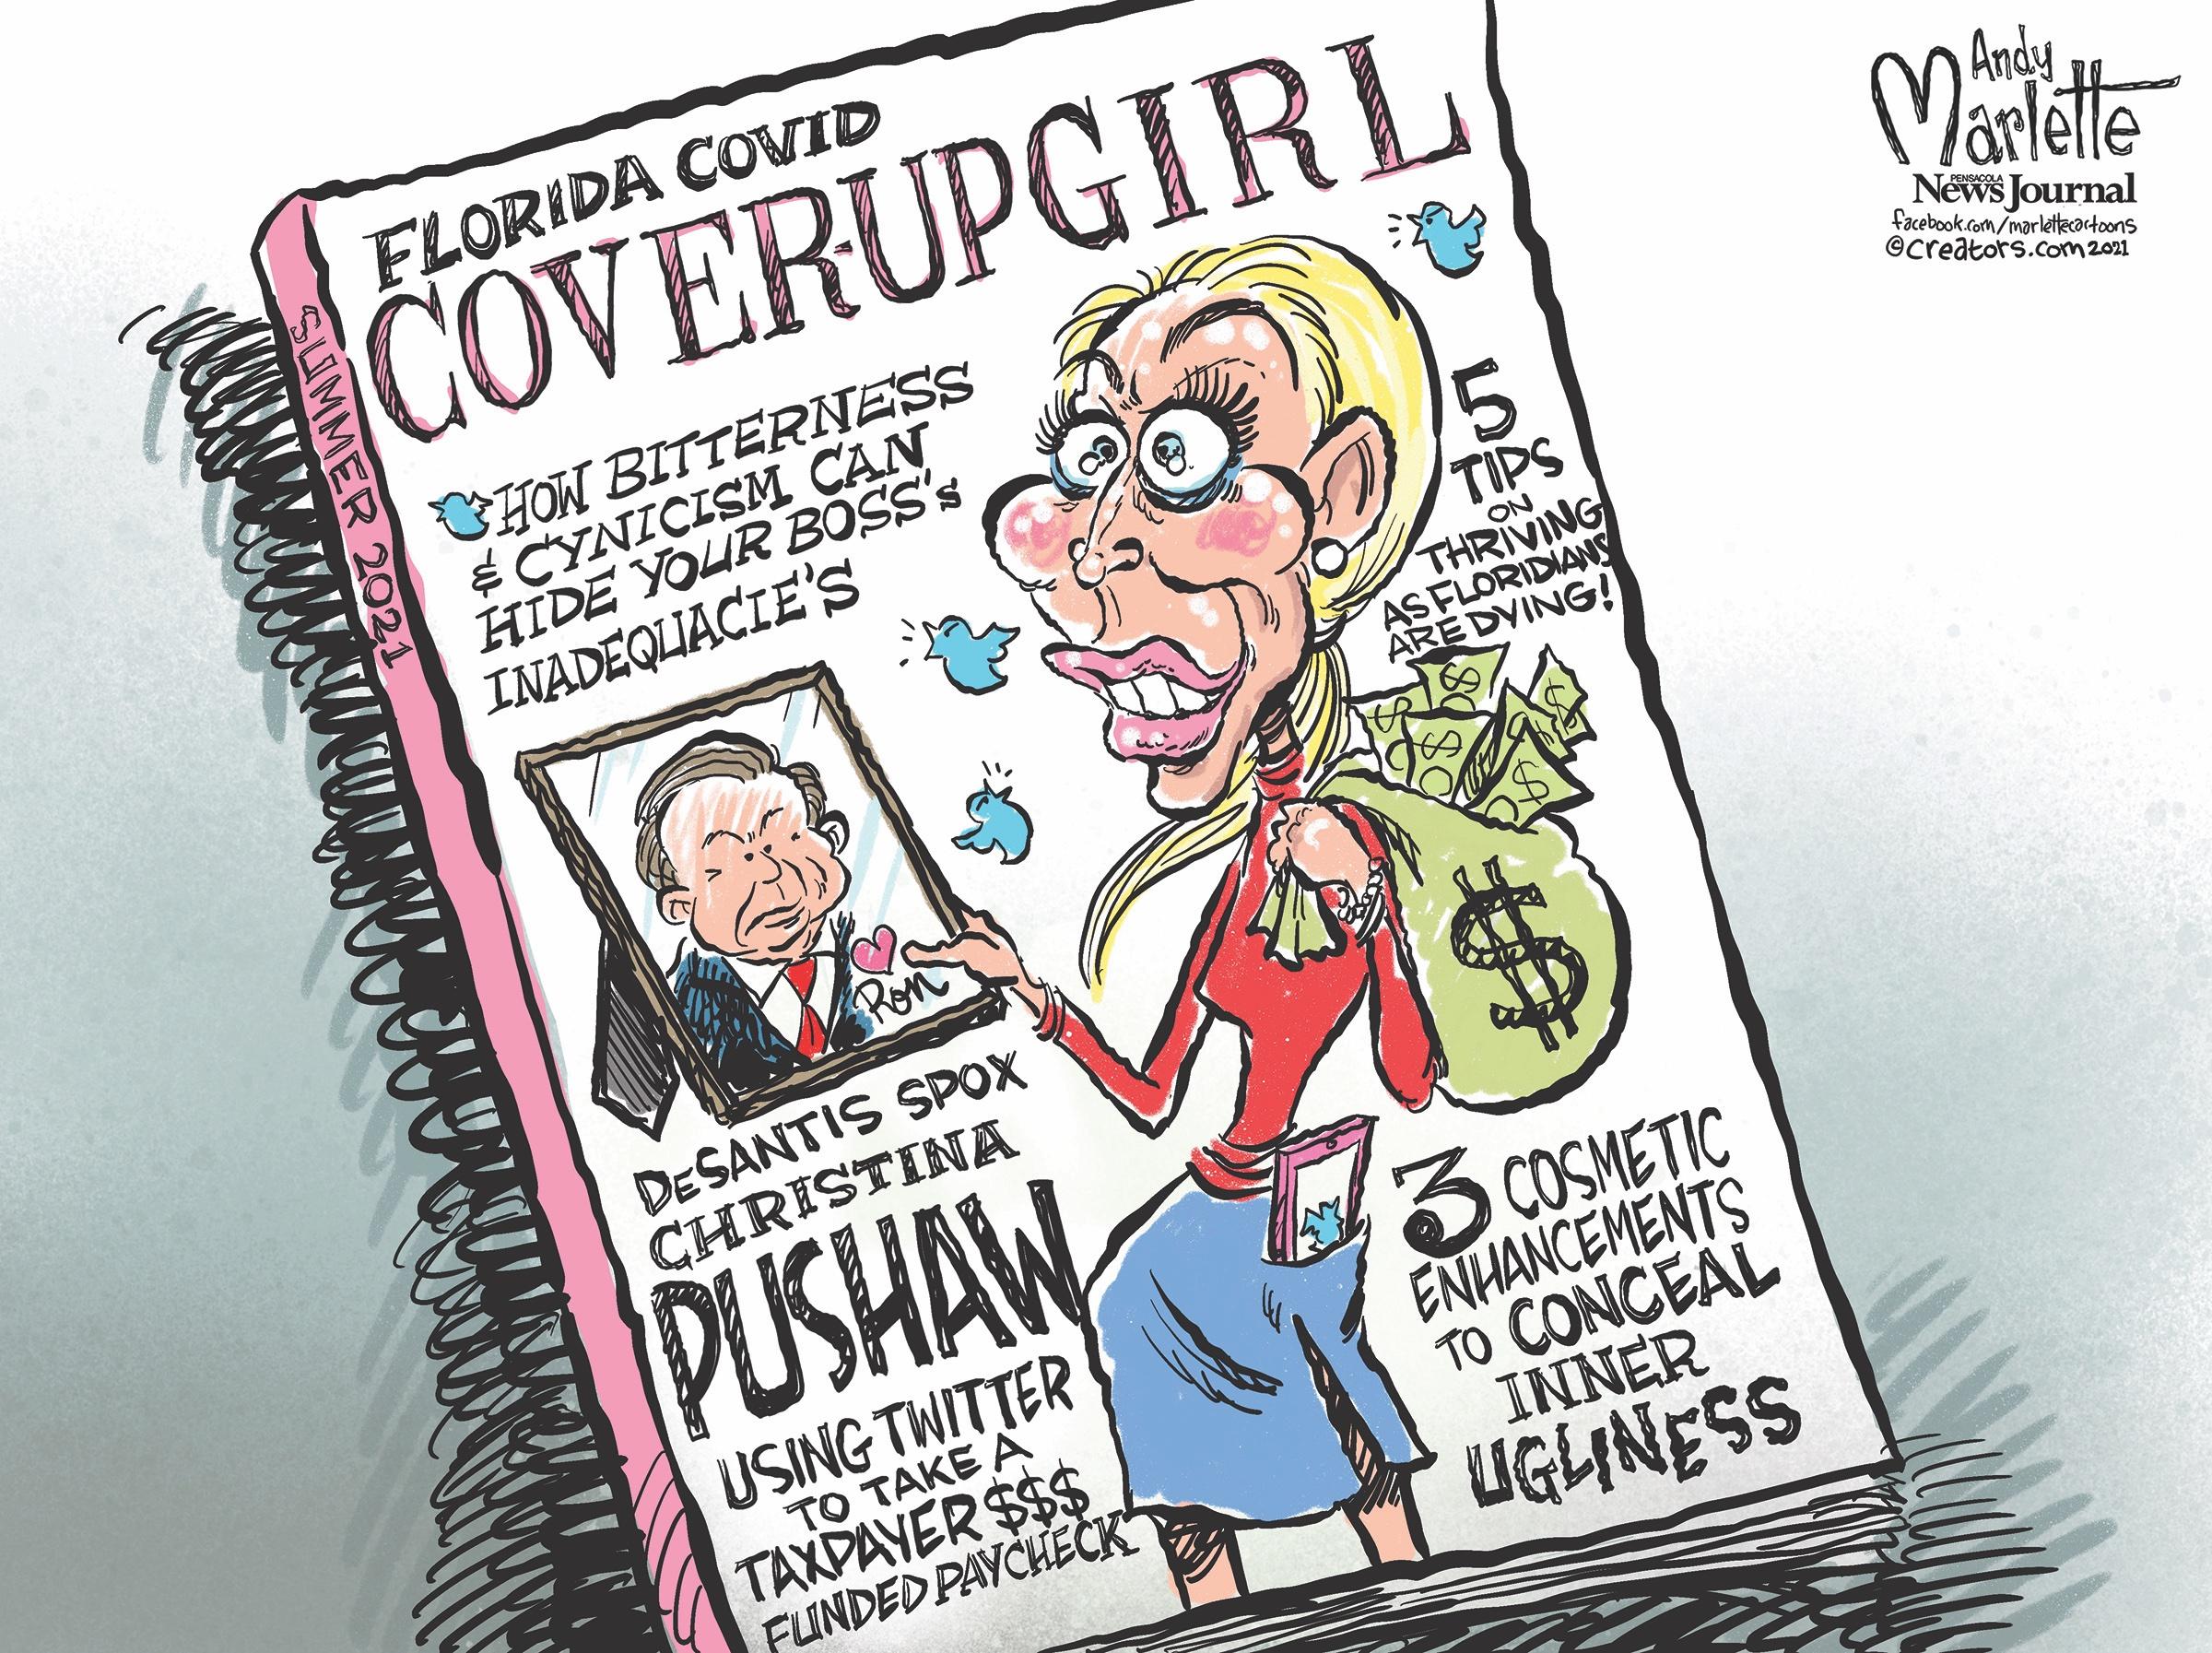 Media Outlet Promotes Sexist Cartoon of DeSantis Spokeswoman Christina Pushaw